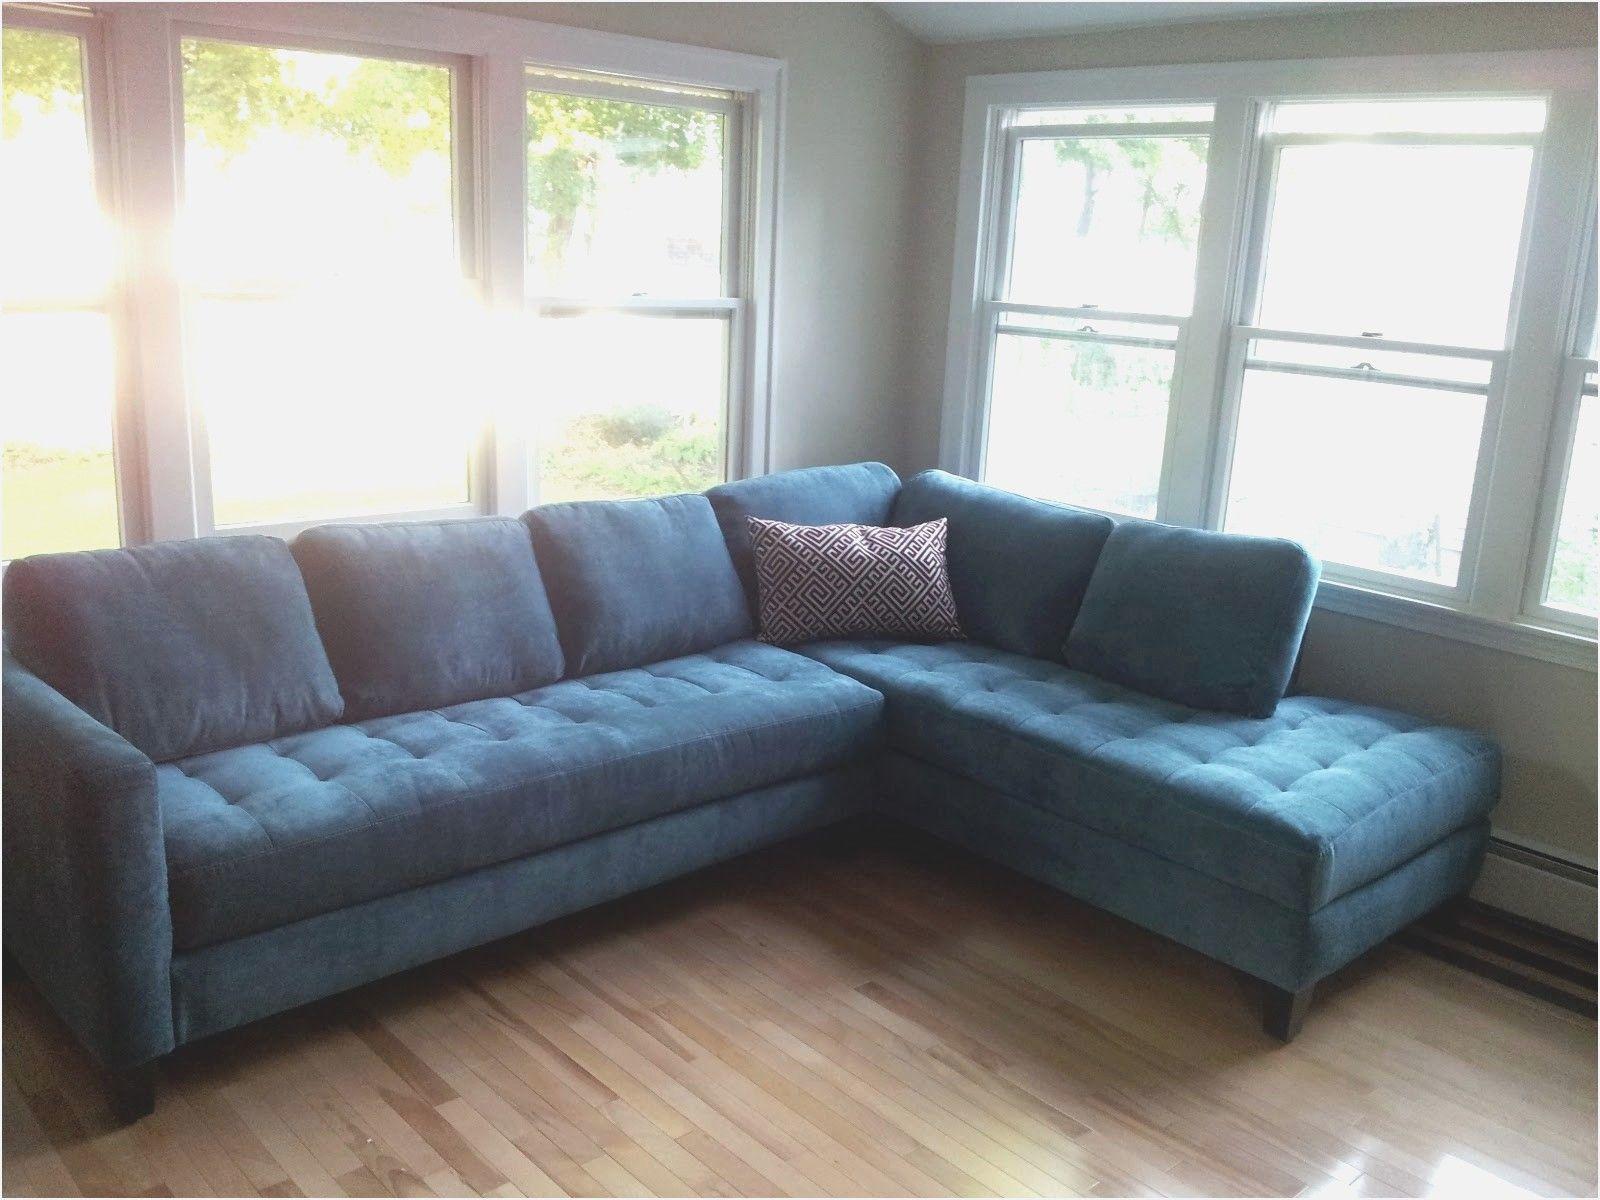 Dark grey living room dark gray couch living room ideas   living room design u ideas